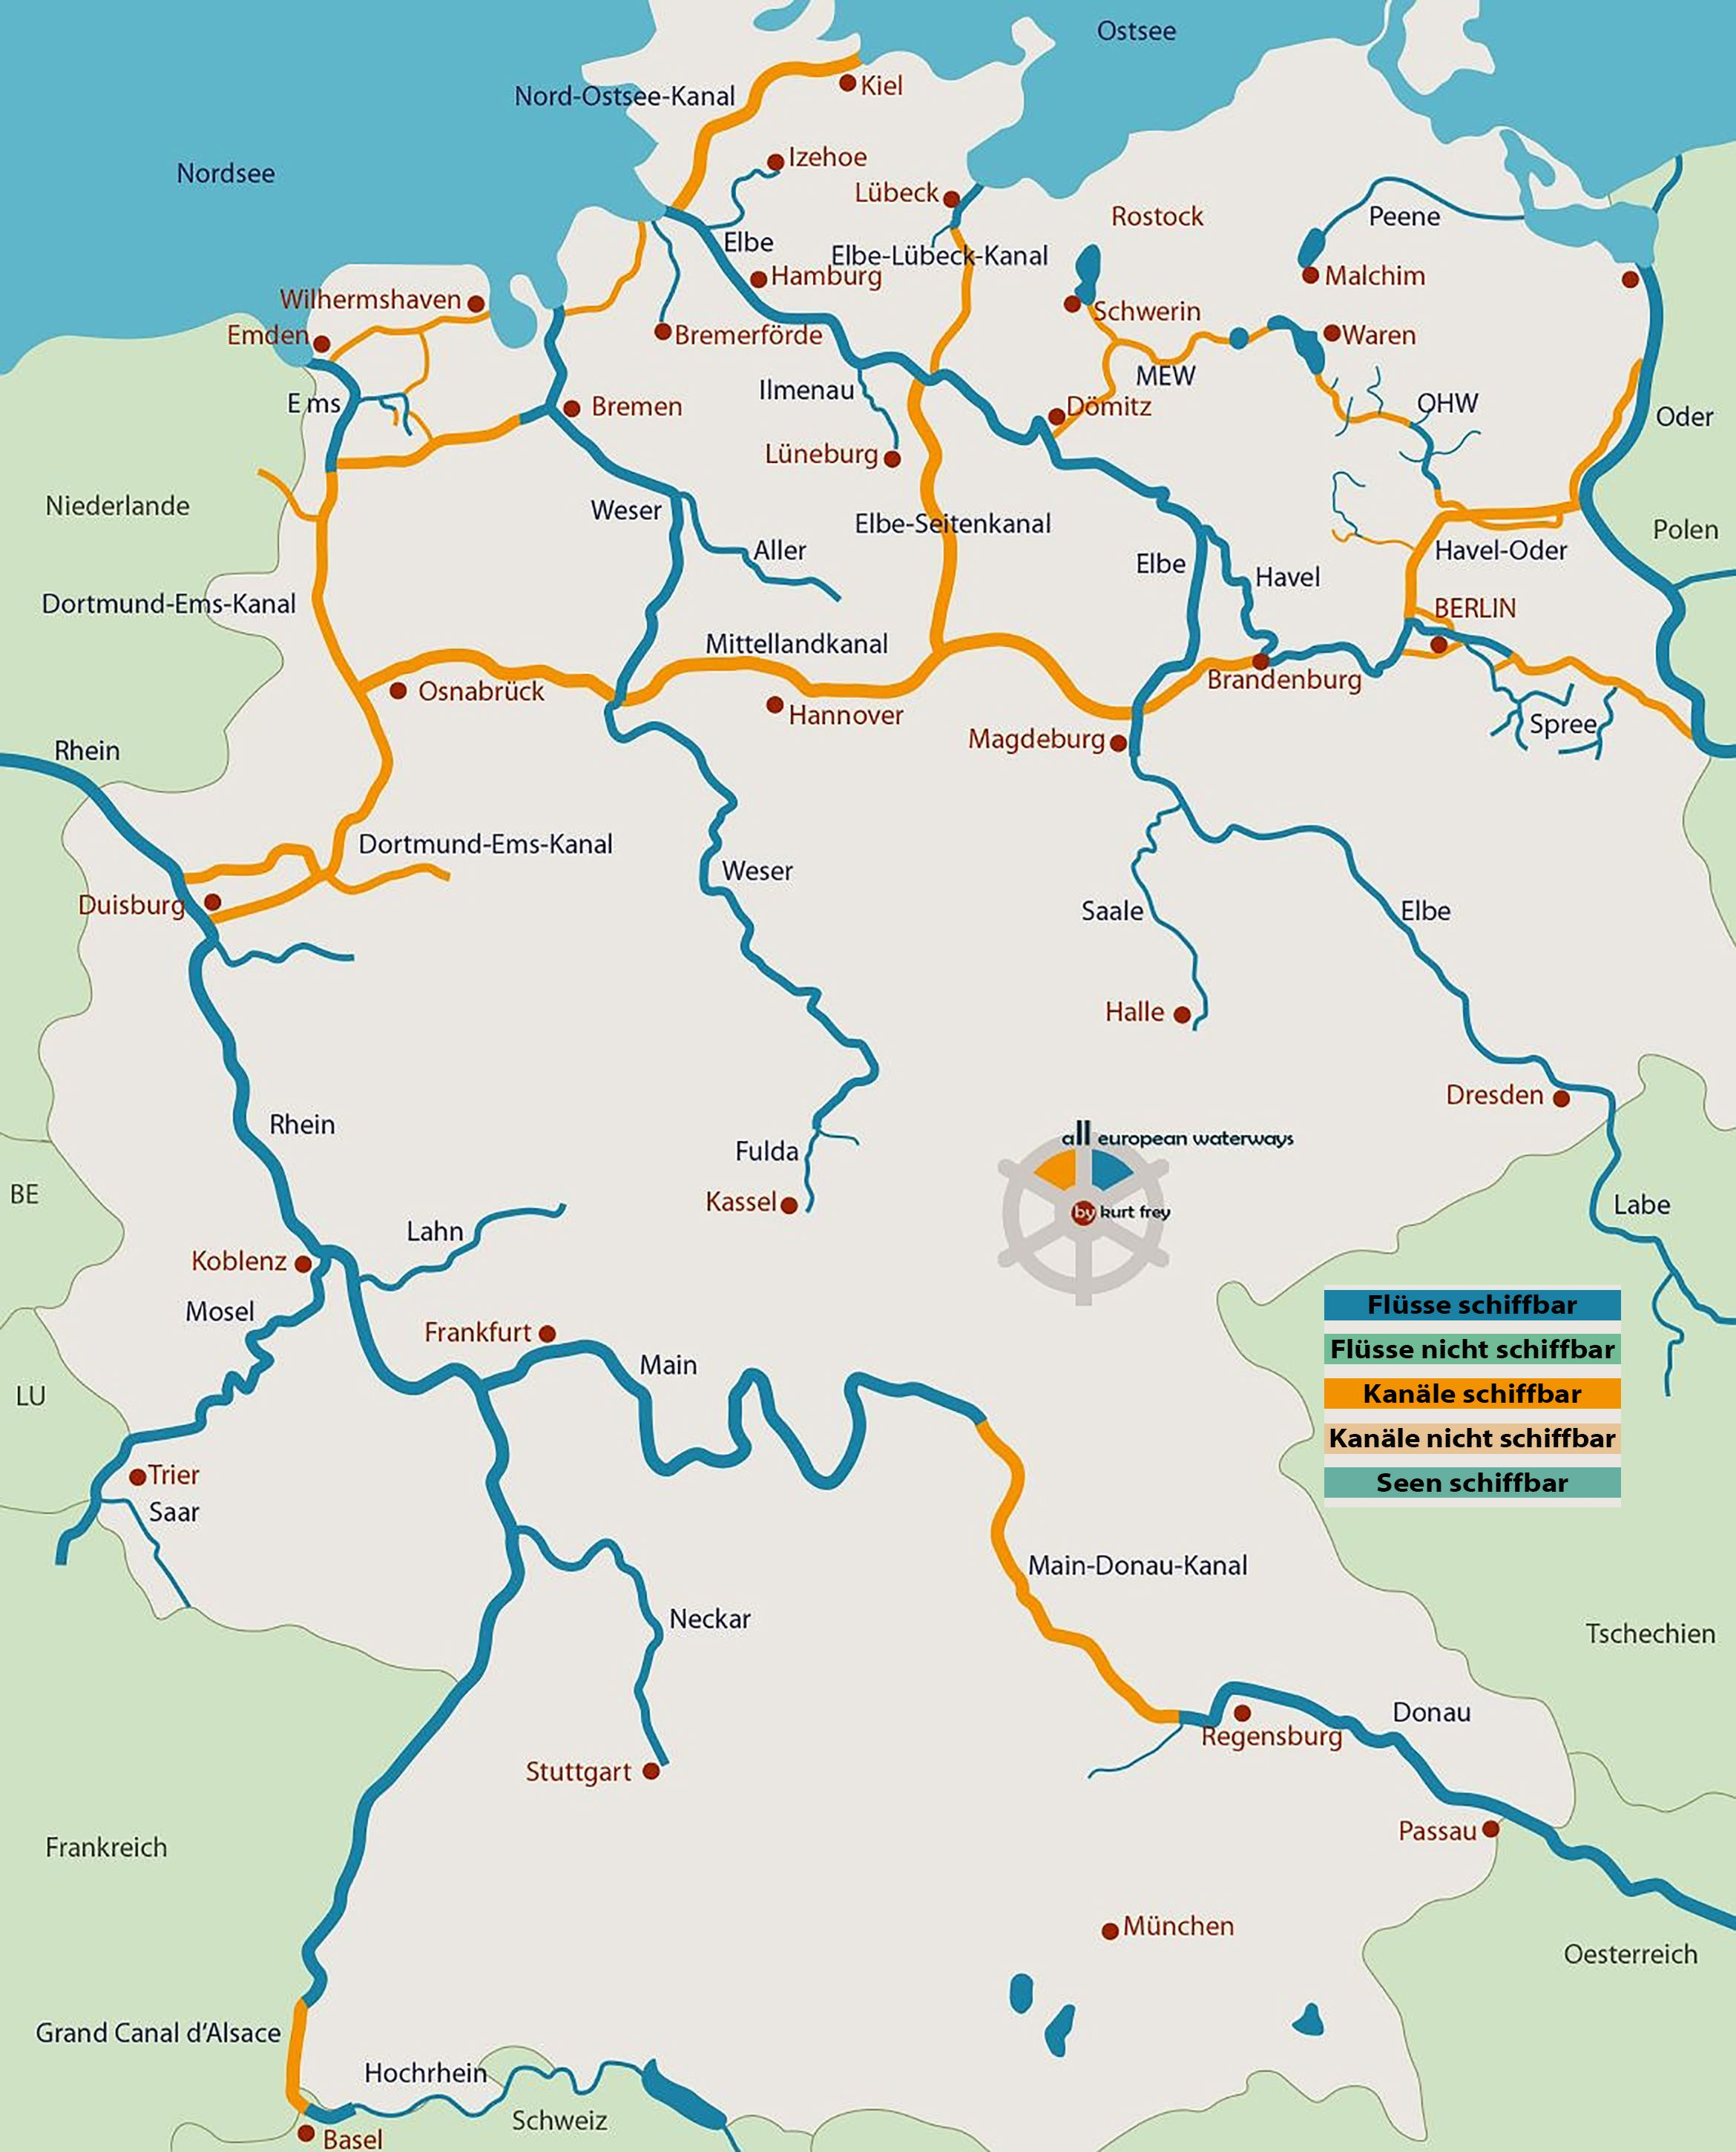 deutschland flüsse und seen karte Deutschland, alle schiffbaren Gewässer, Kanäle, Flüsse, Seen und